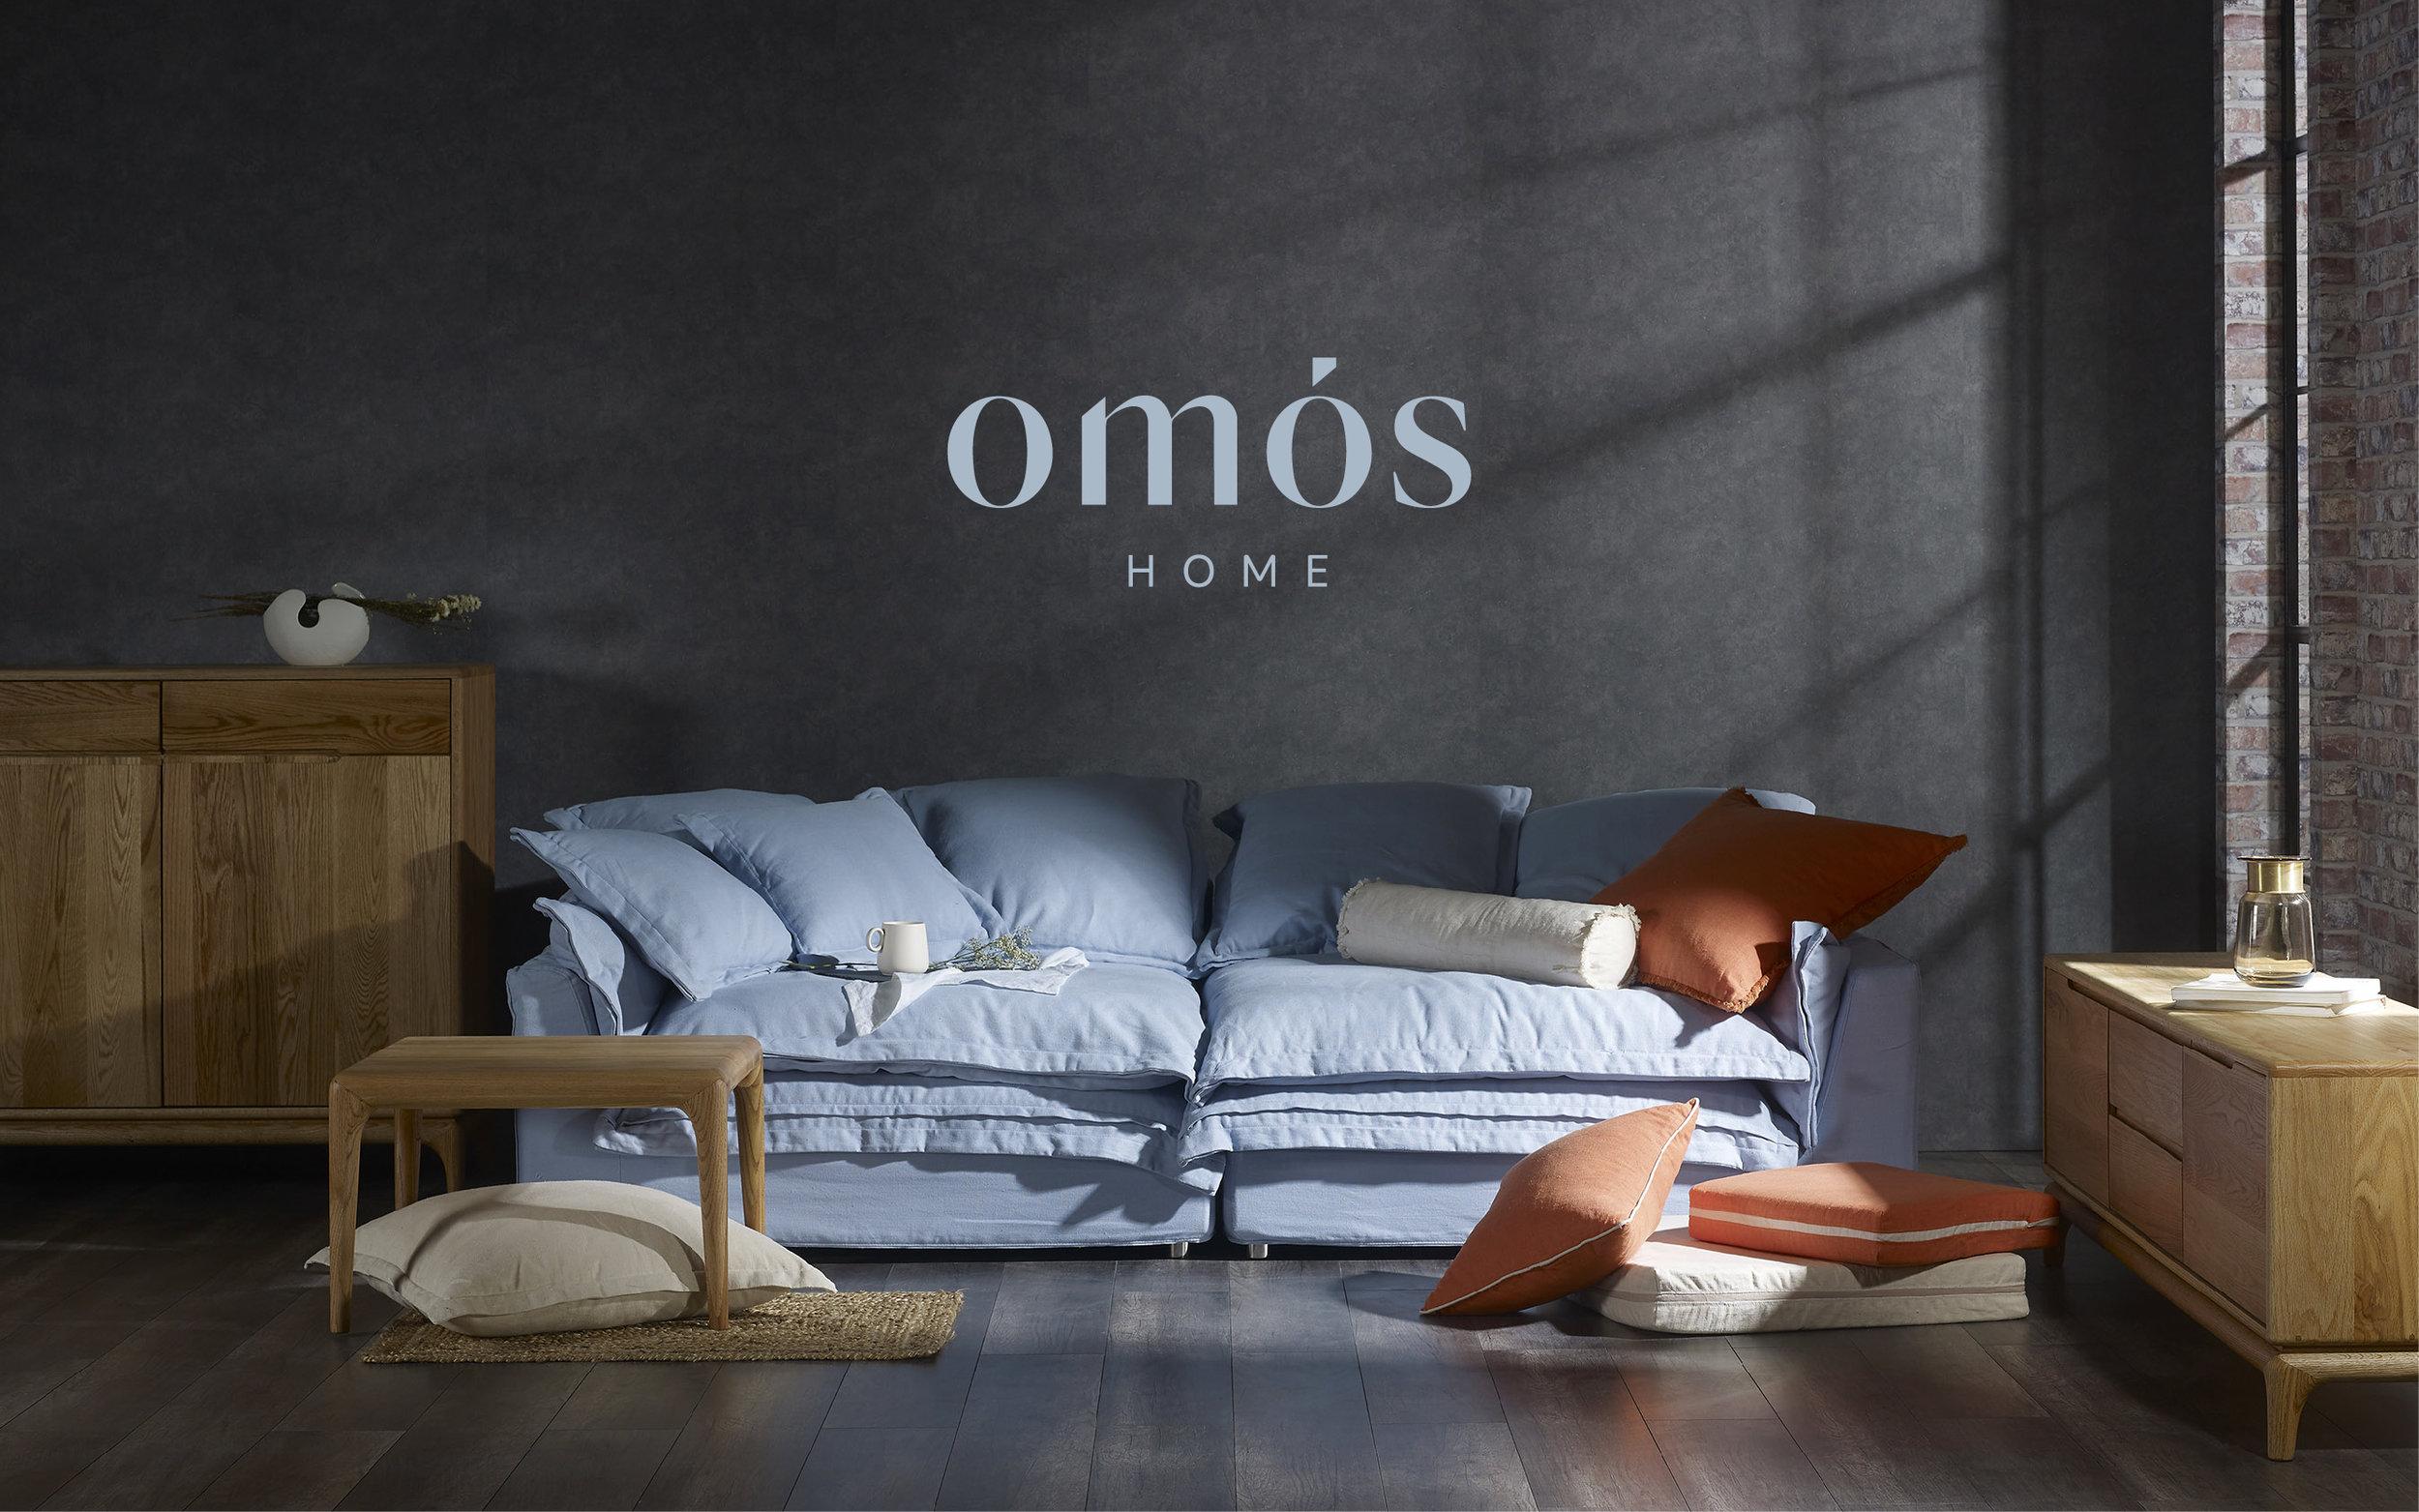 omos_presentation-01.jpg